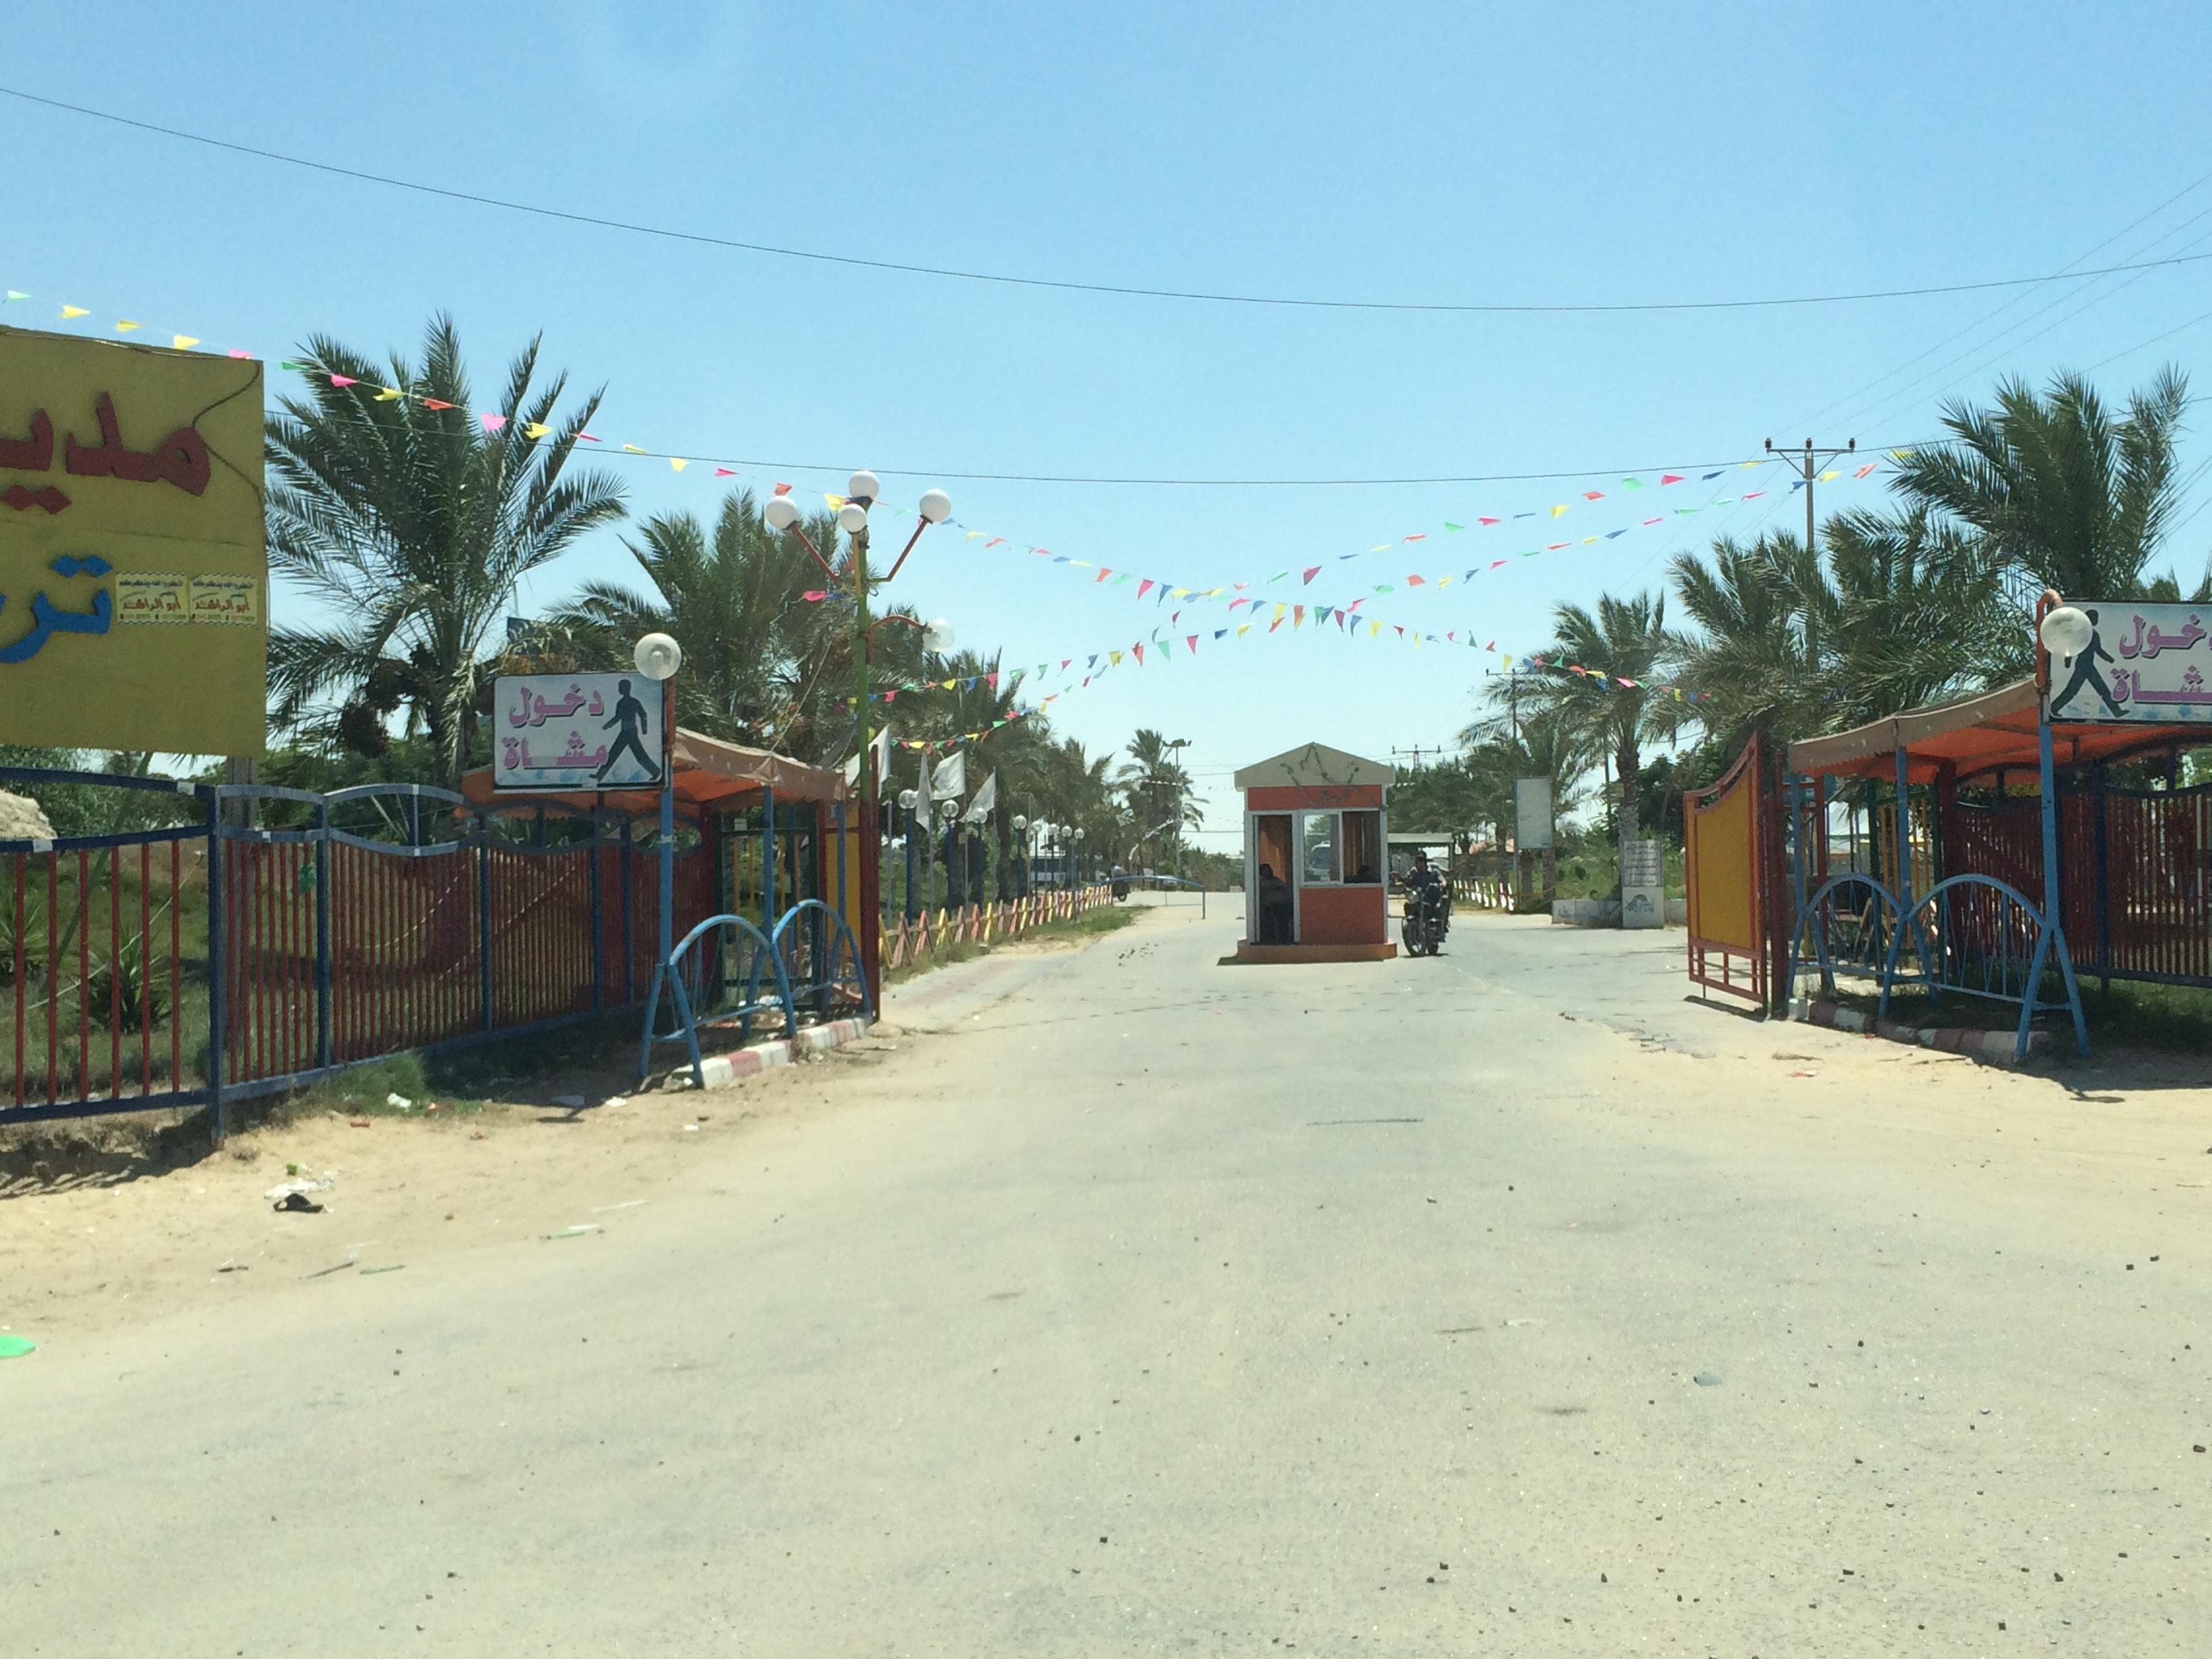 Gaza. Un parco giochi sorge su una delle aree un tempo occupate dai coloni israeliani. Foto di Federica Riccardi